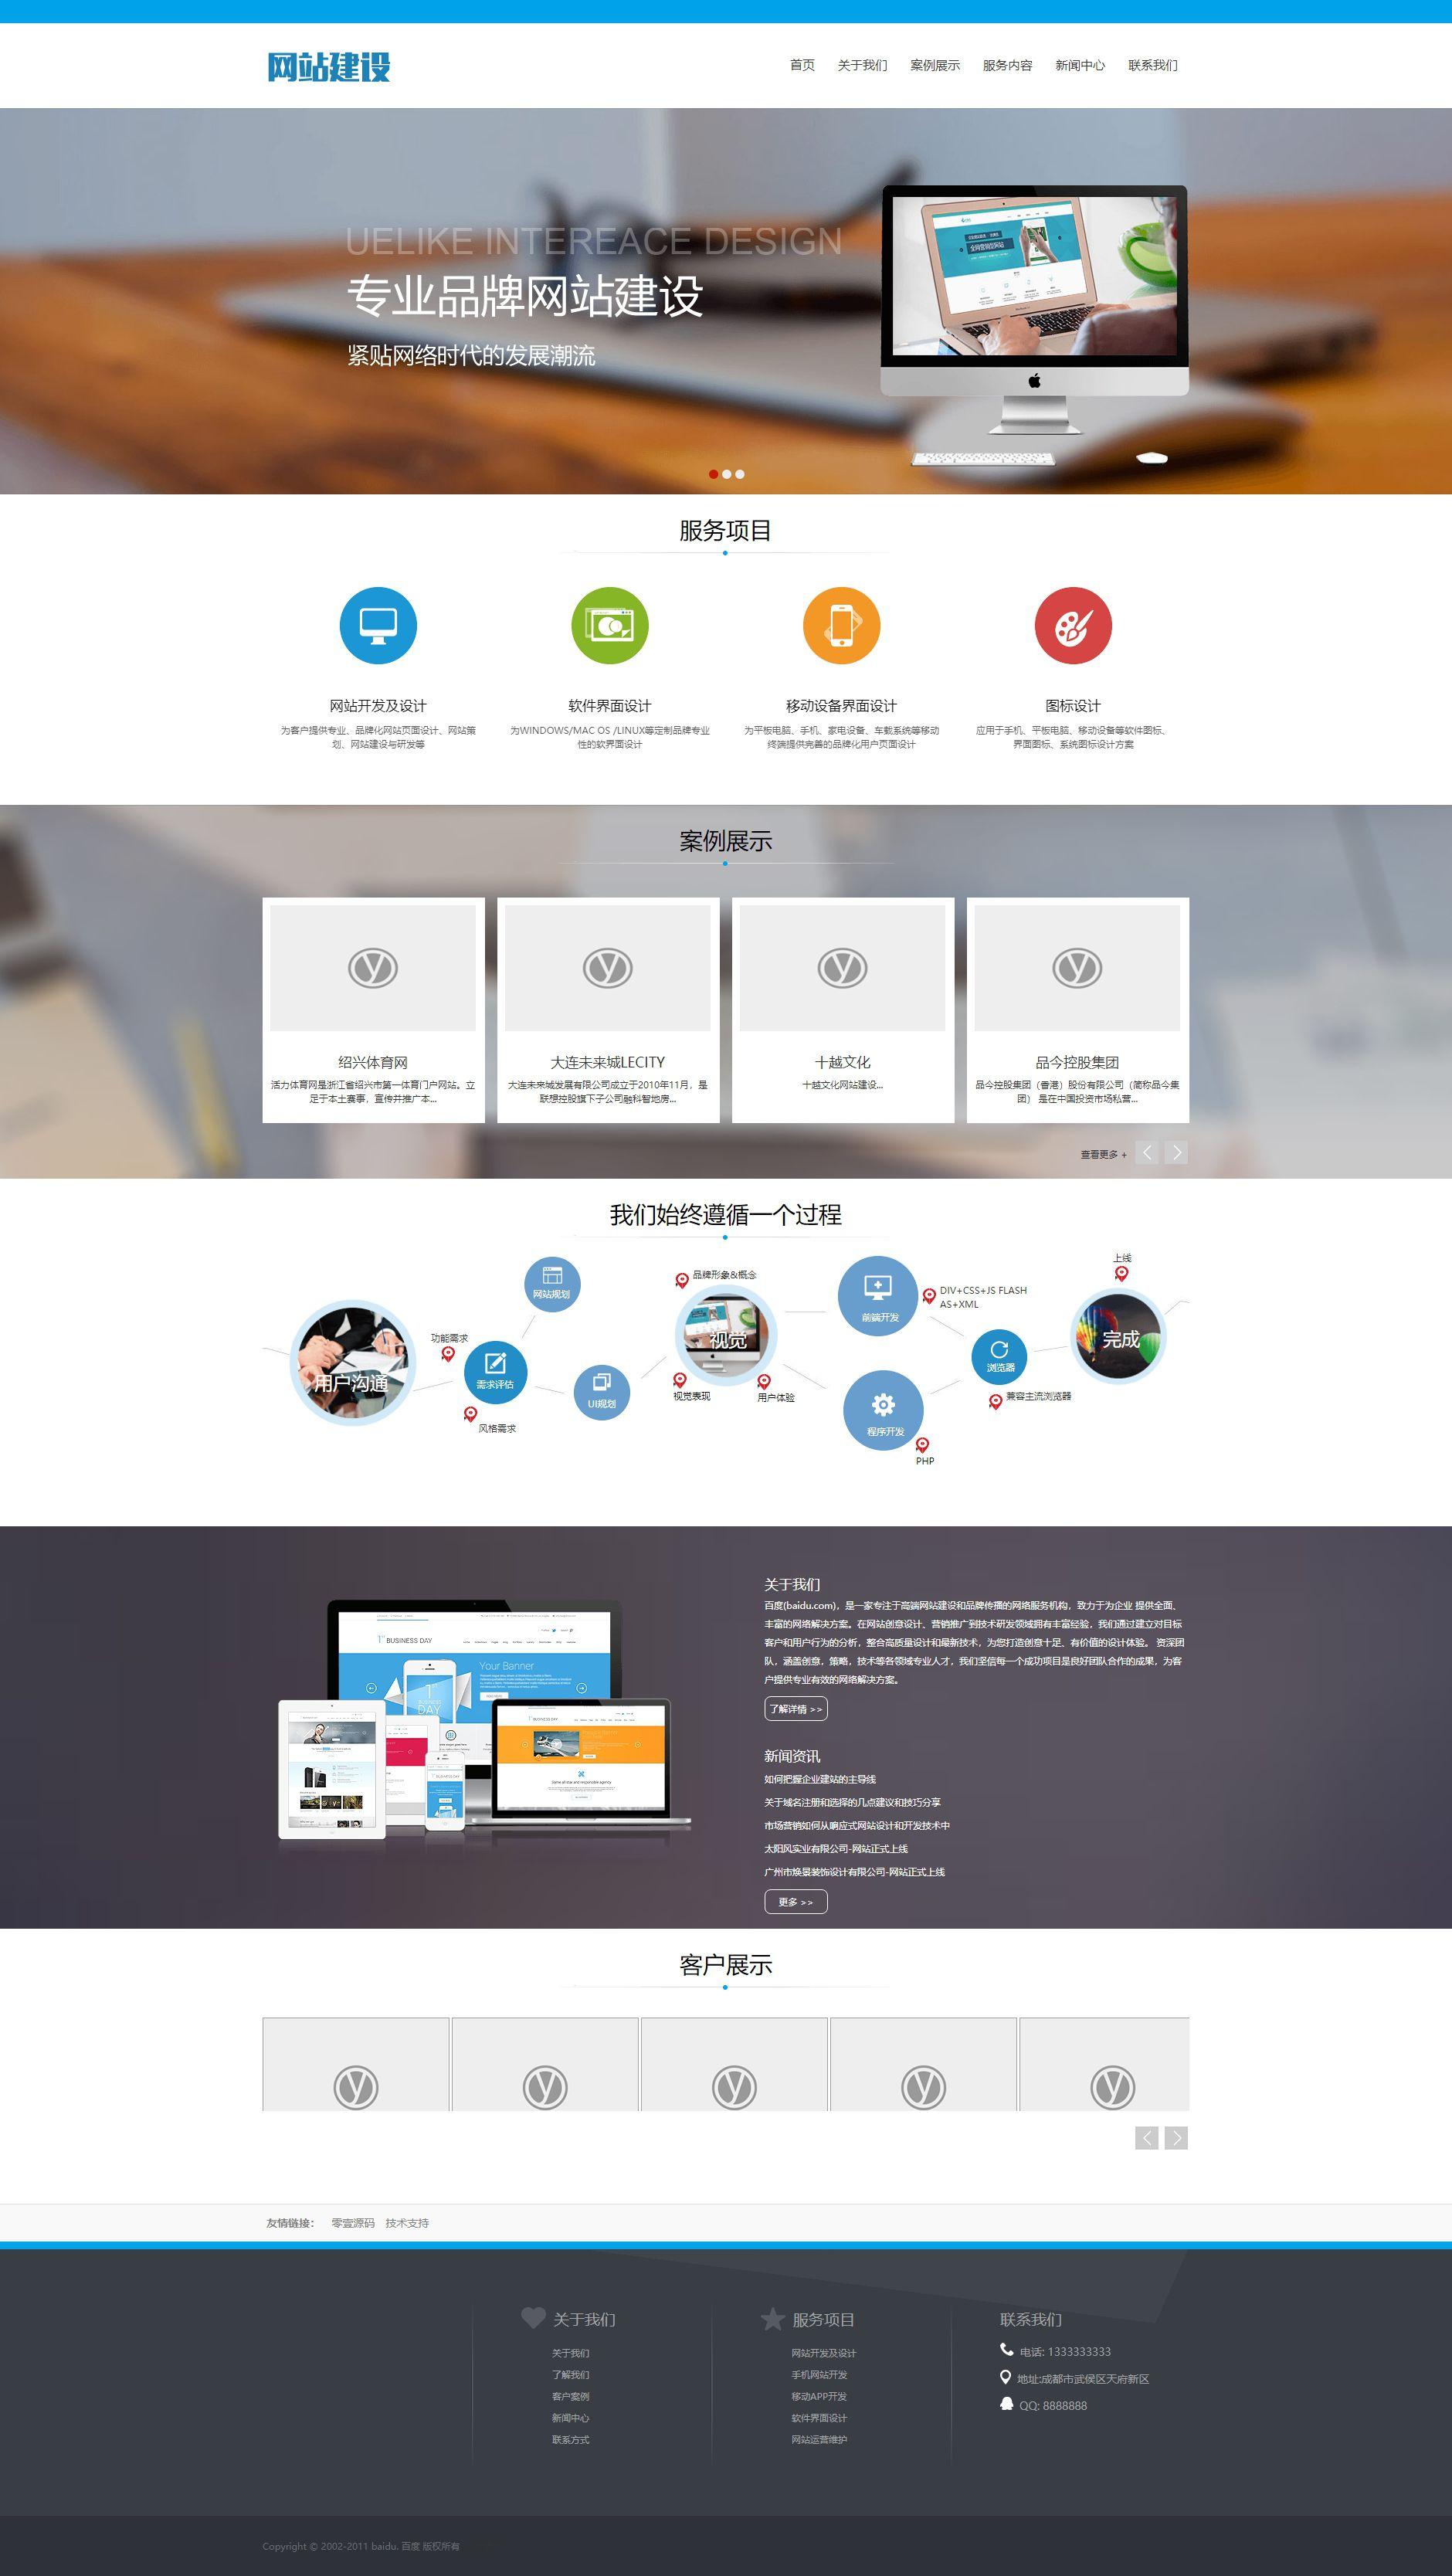 dedecms织梦HTML5高端网络服务机构网站模板